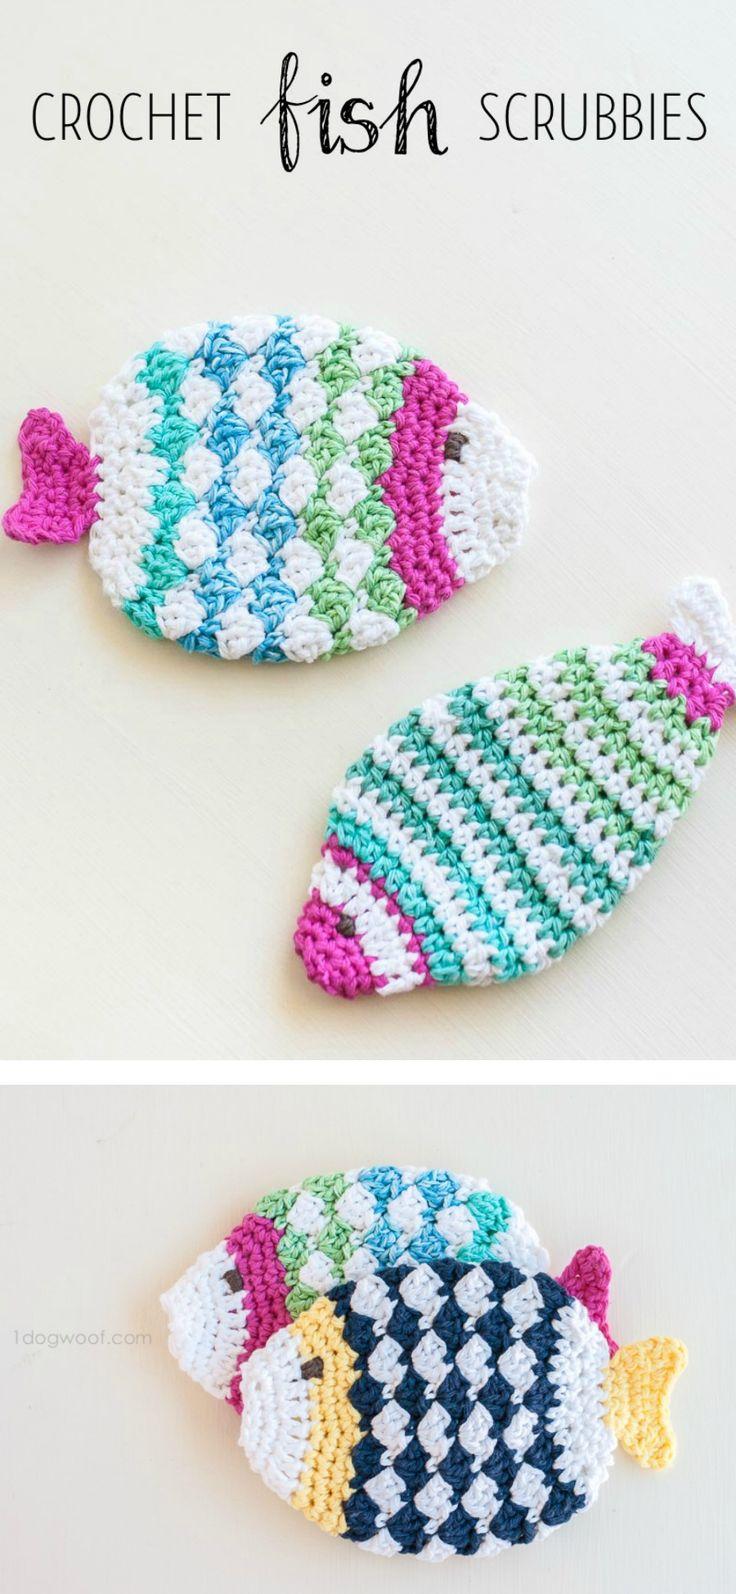 Crochet Fisch scrubbie Waschlappen.  Wäre das nicht machen große Einweihungsparty Geschenke?  | Www.1dogwoof.com